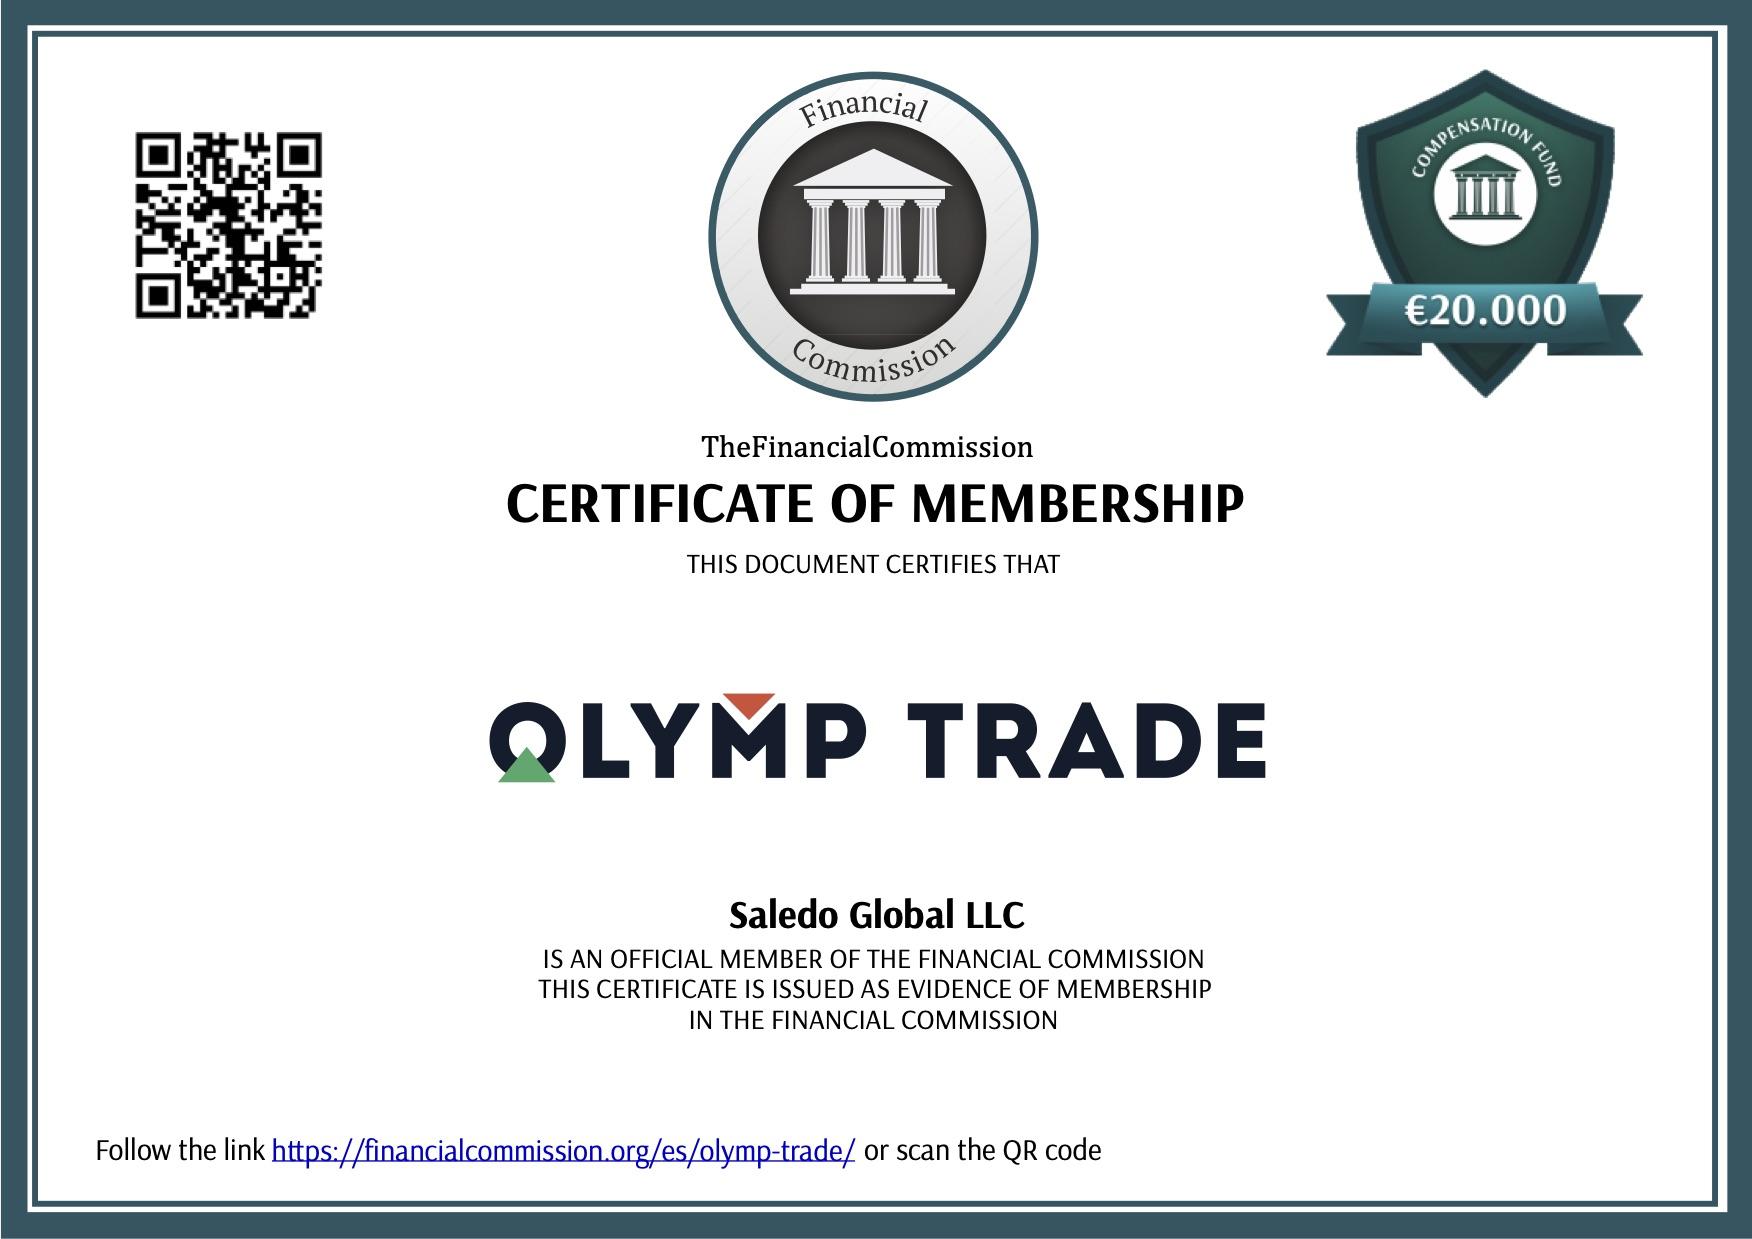 Reseña de Olymp Trade - ¿Corredor legítimo, o una estafa?-6